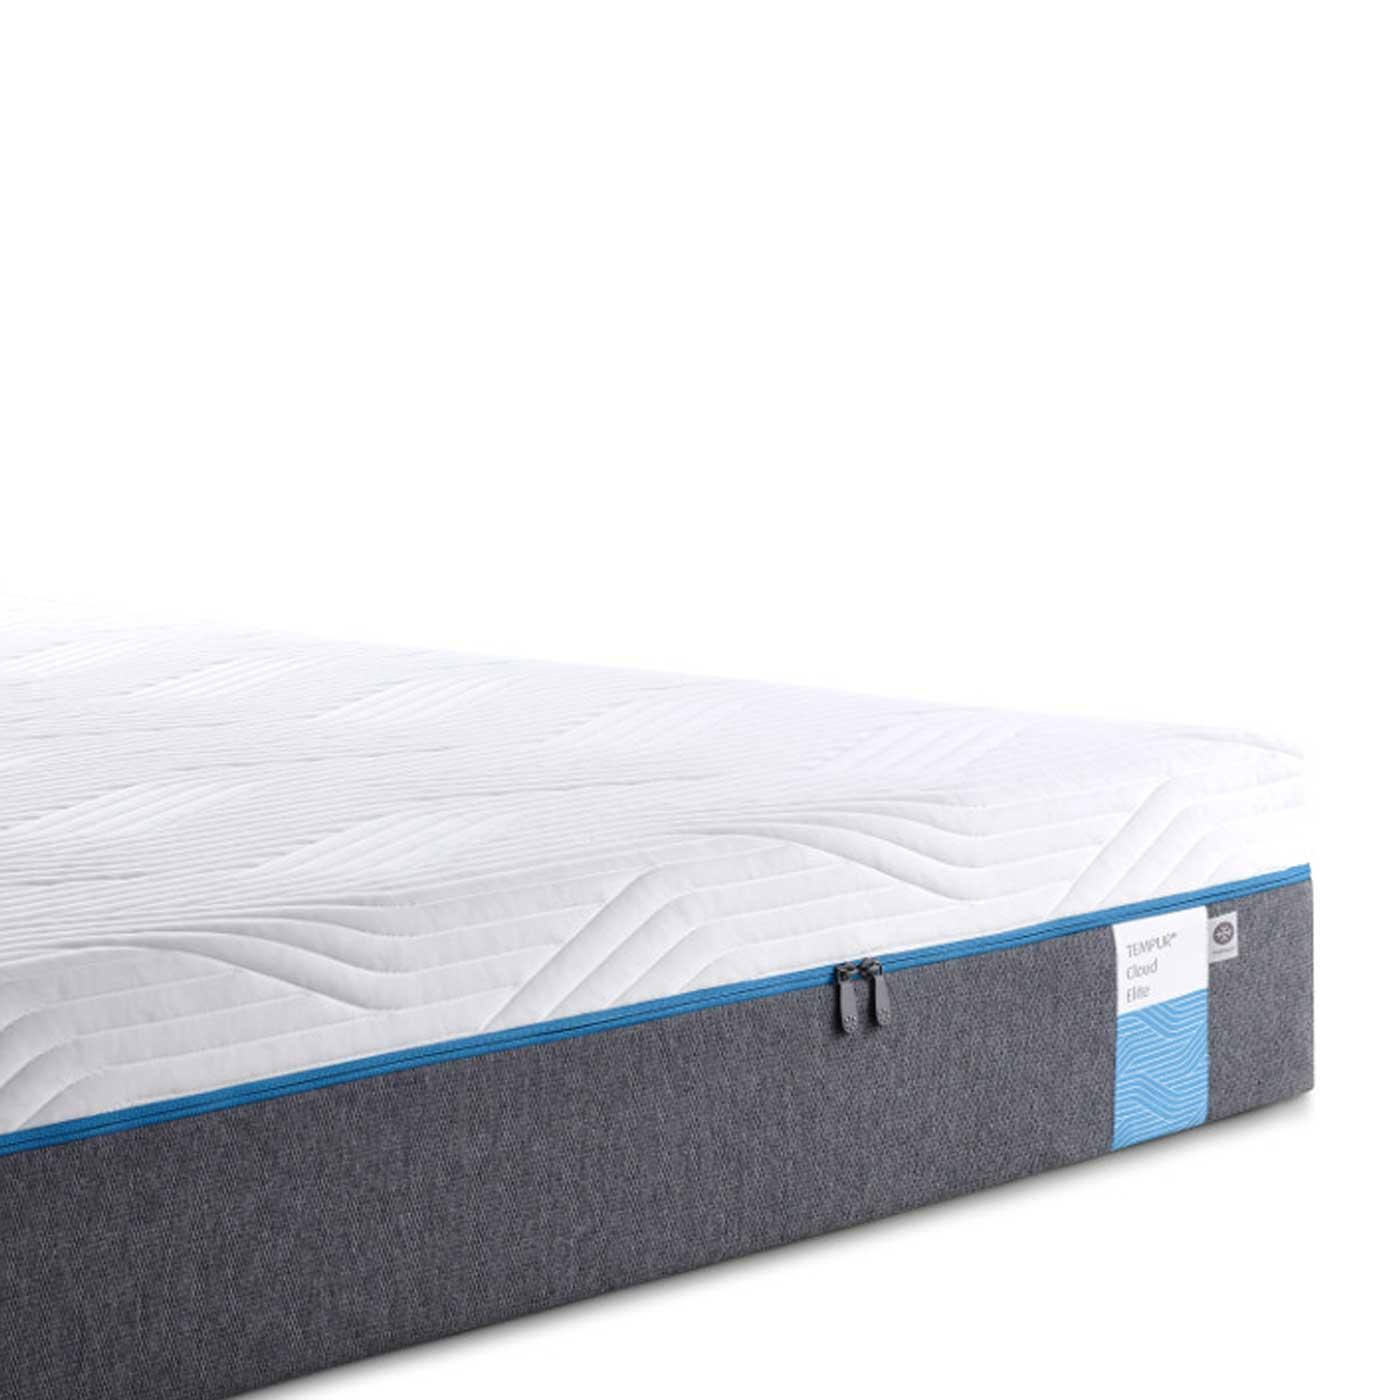 Full Size of Betten 200x200 Jugend Kopfteile Für Schramm Innocent 180x200 übergewichtige Aus Holz Trends Düsseldorf 90x200 Dico Bett Tempur Betten